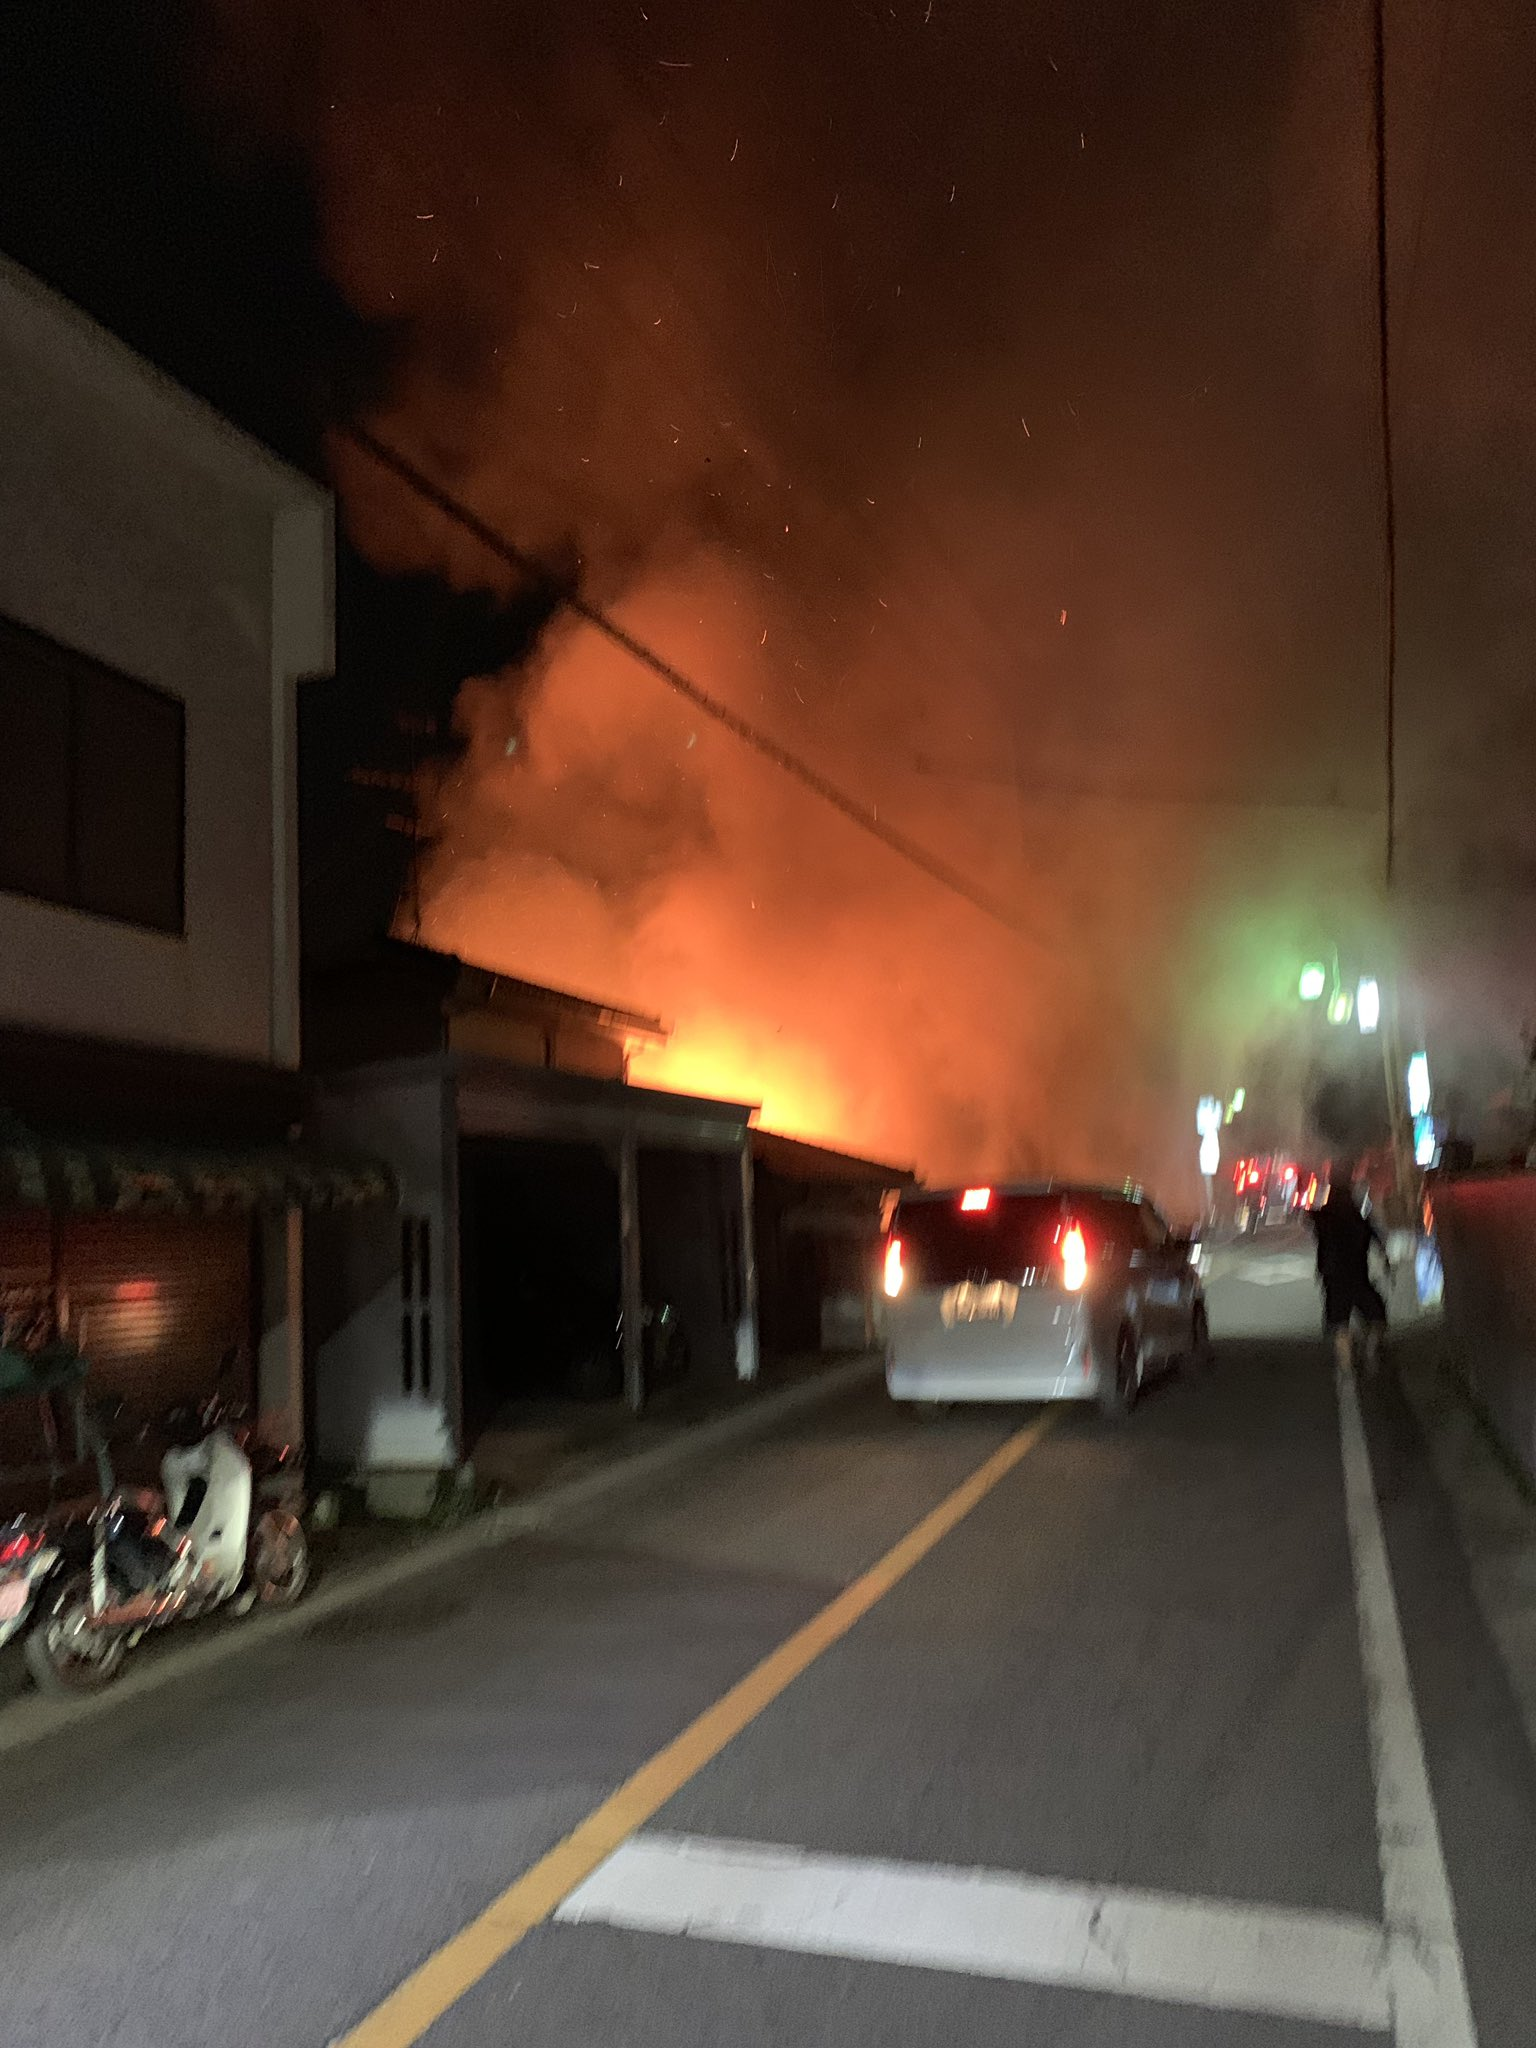 入間市で住宅が燃えている火災現場の画像